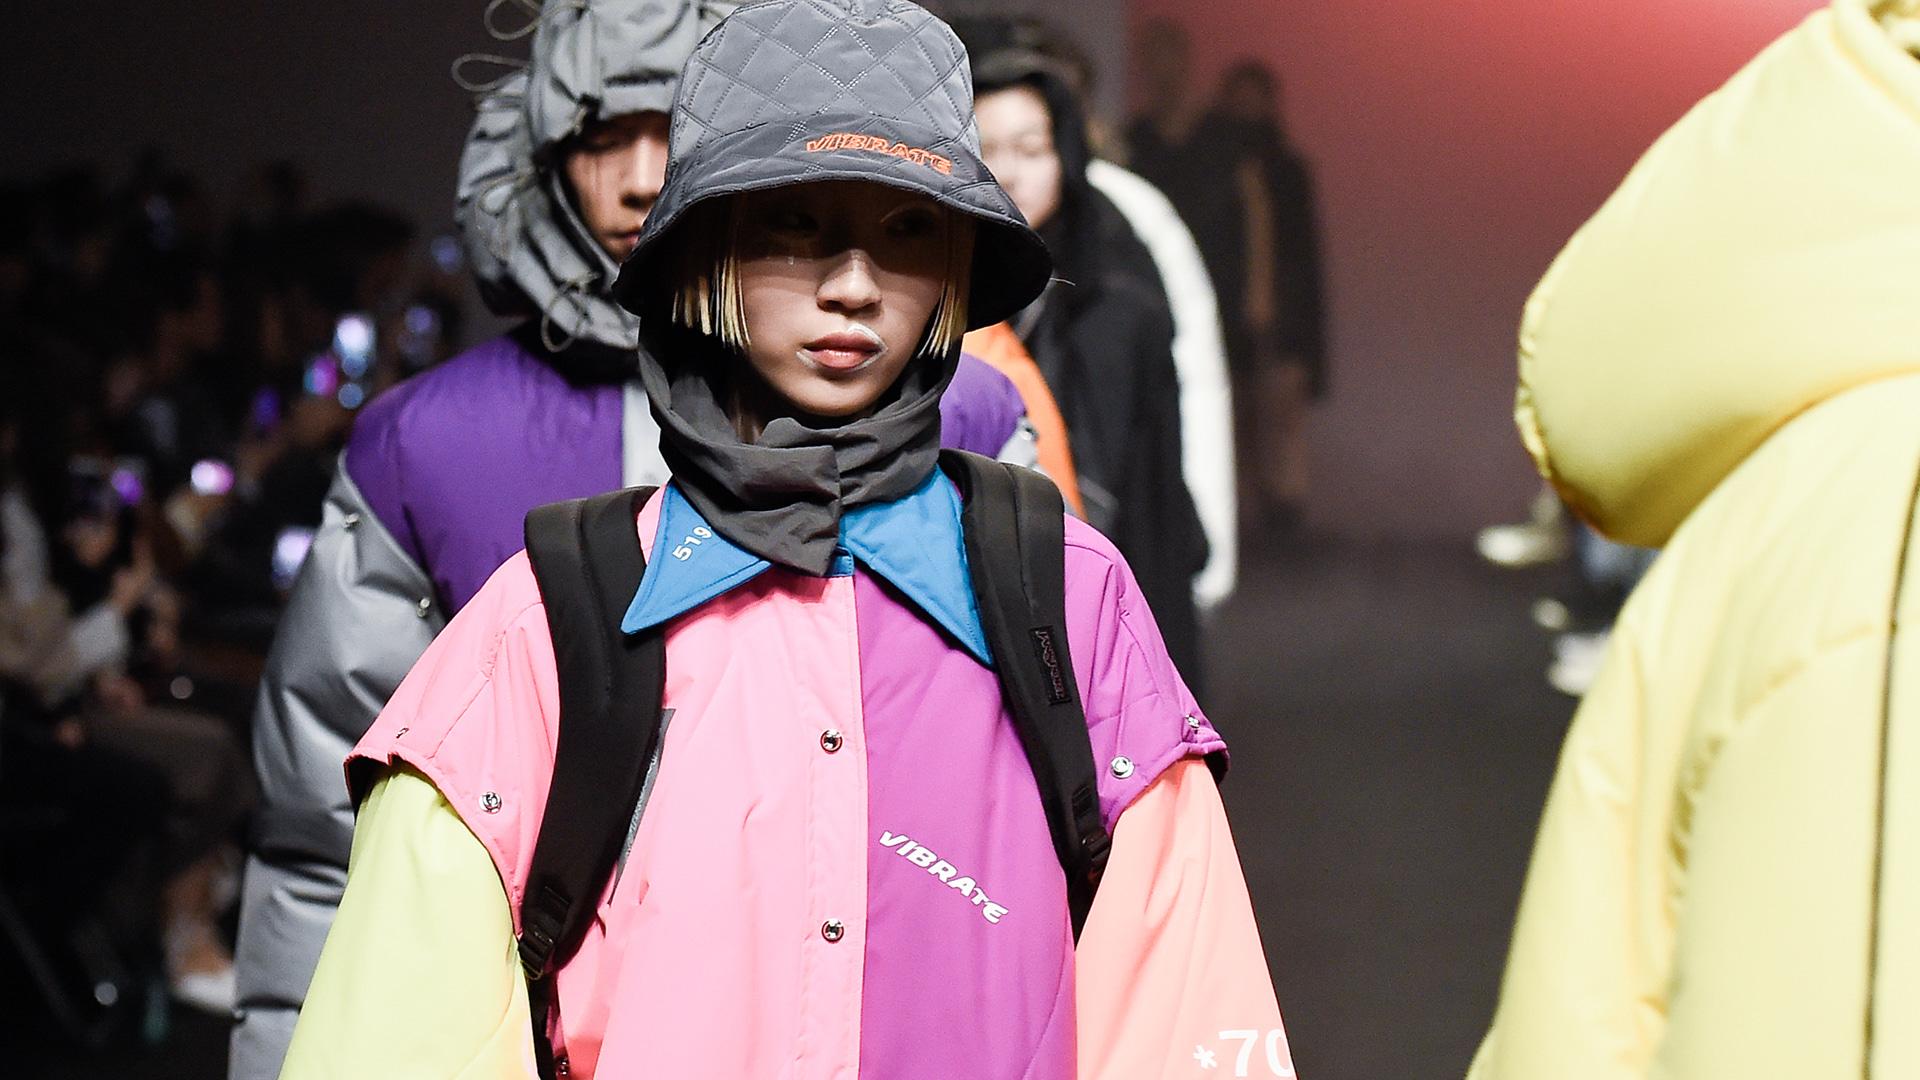 Hallyu: How South Korea is Using Fashion to Influence Western